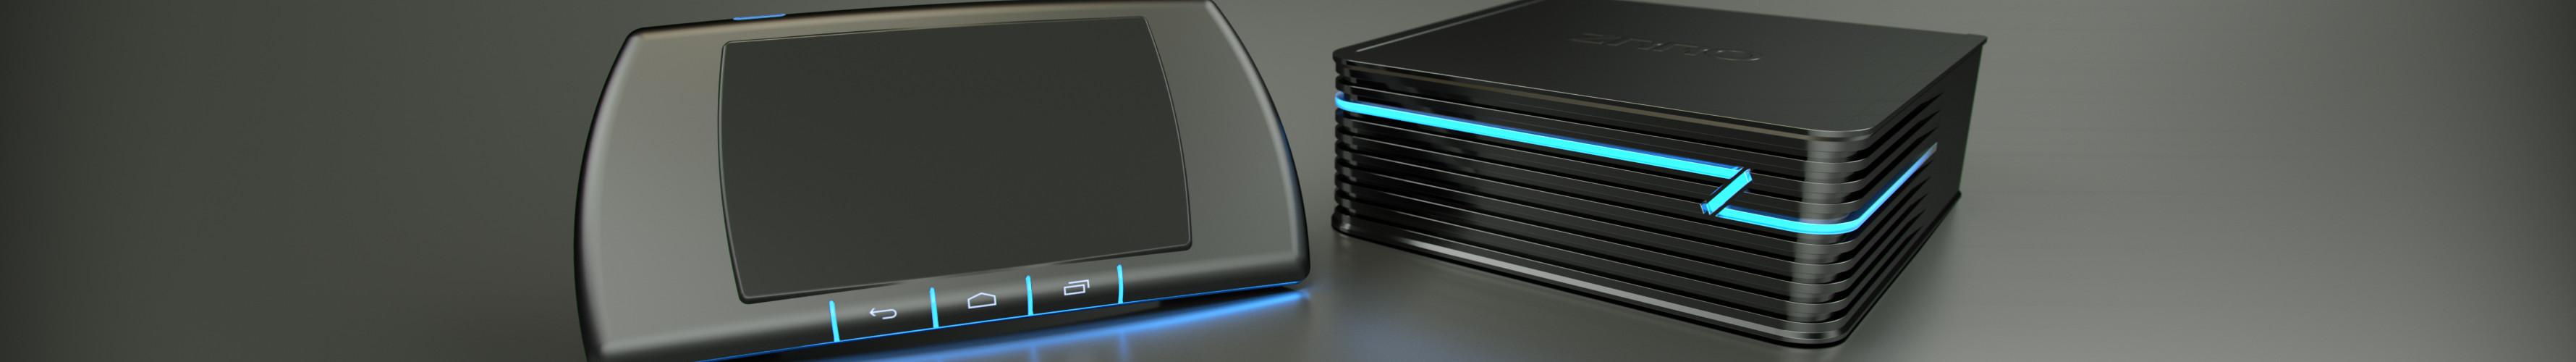 consola android ZRRO